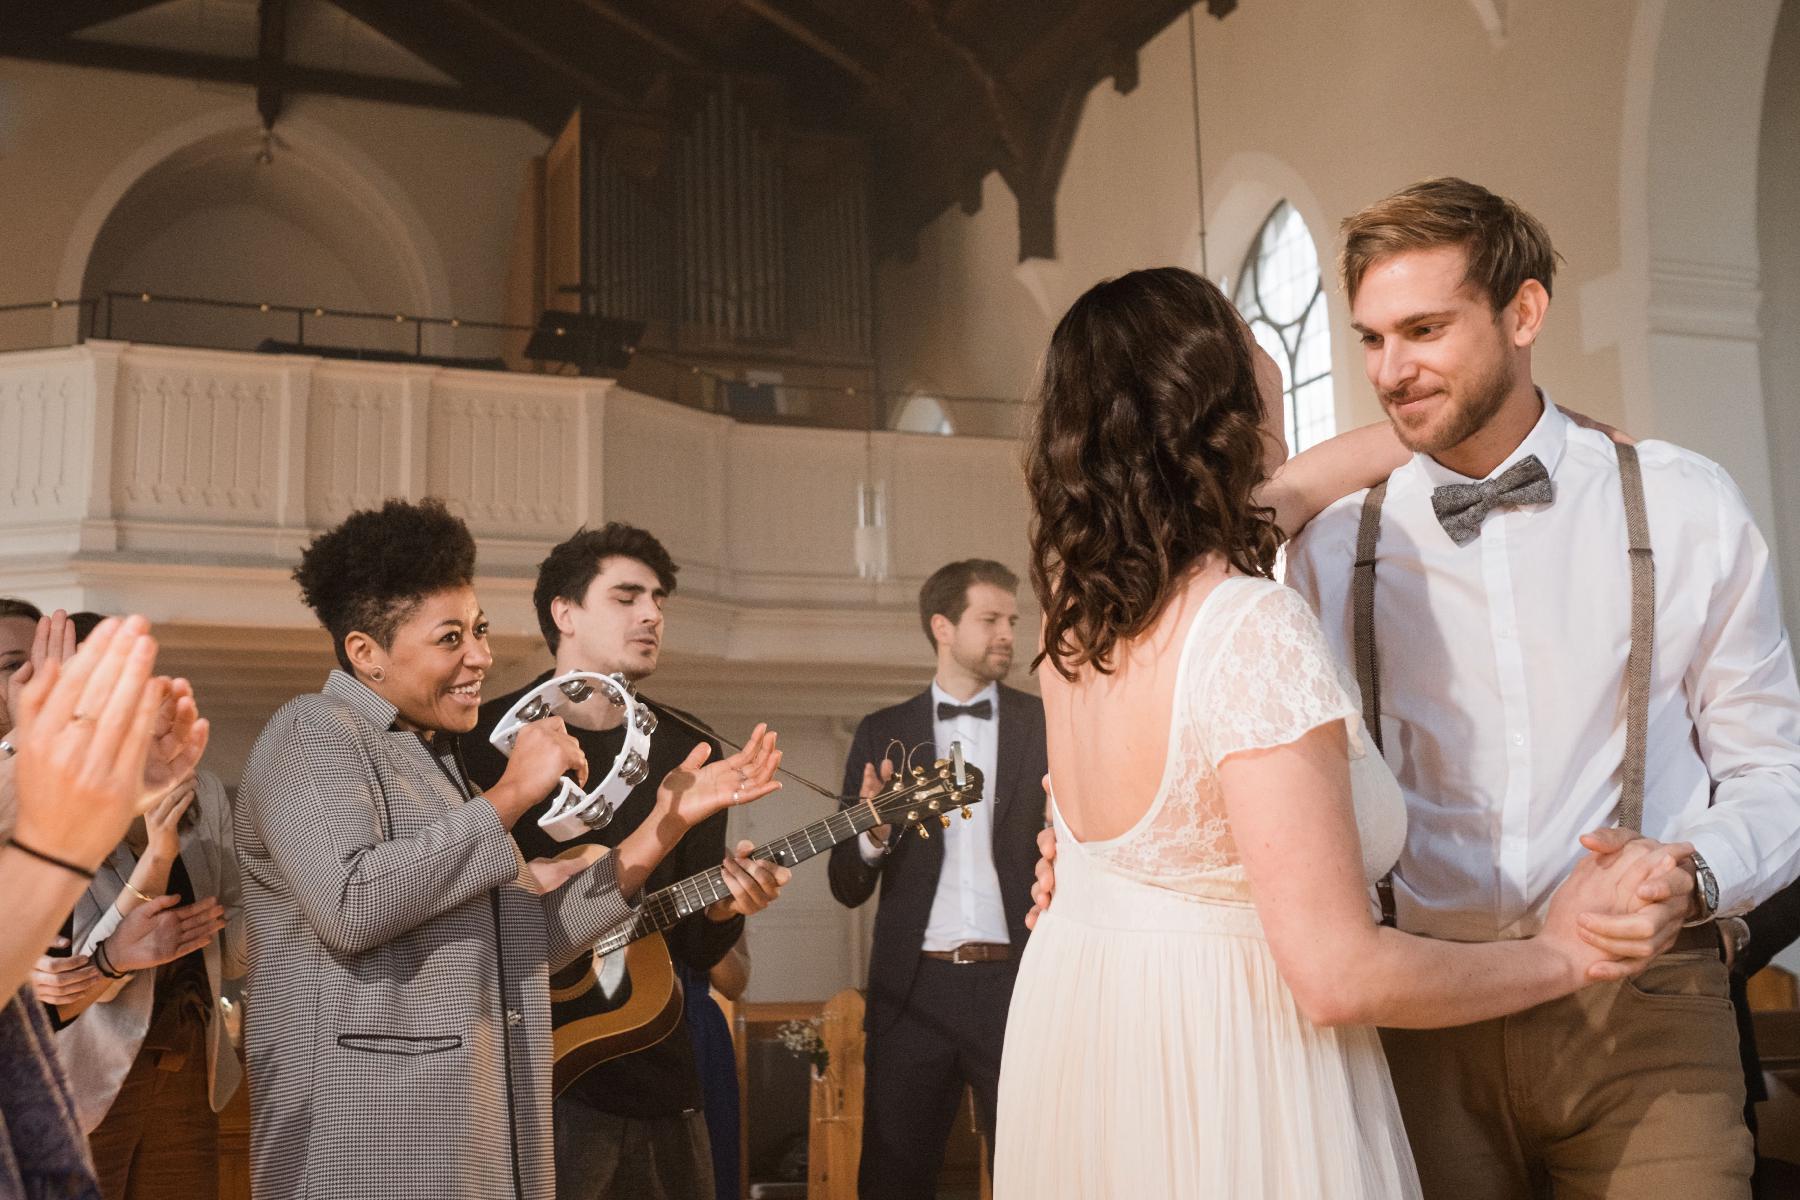 Tanzendes Ehepaar in der Kirche mit Band